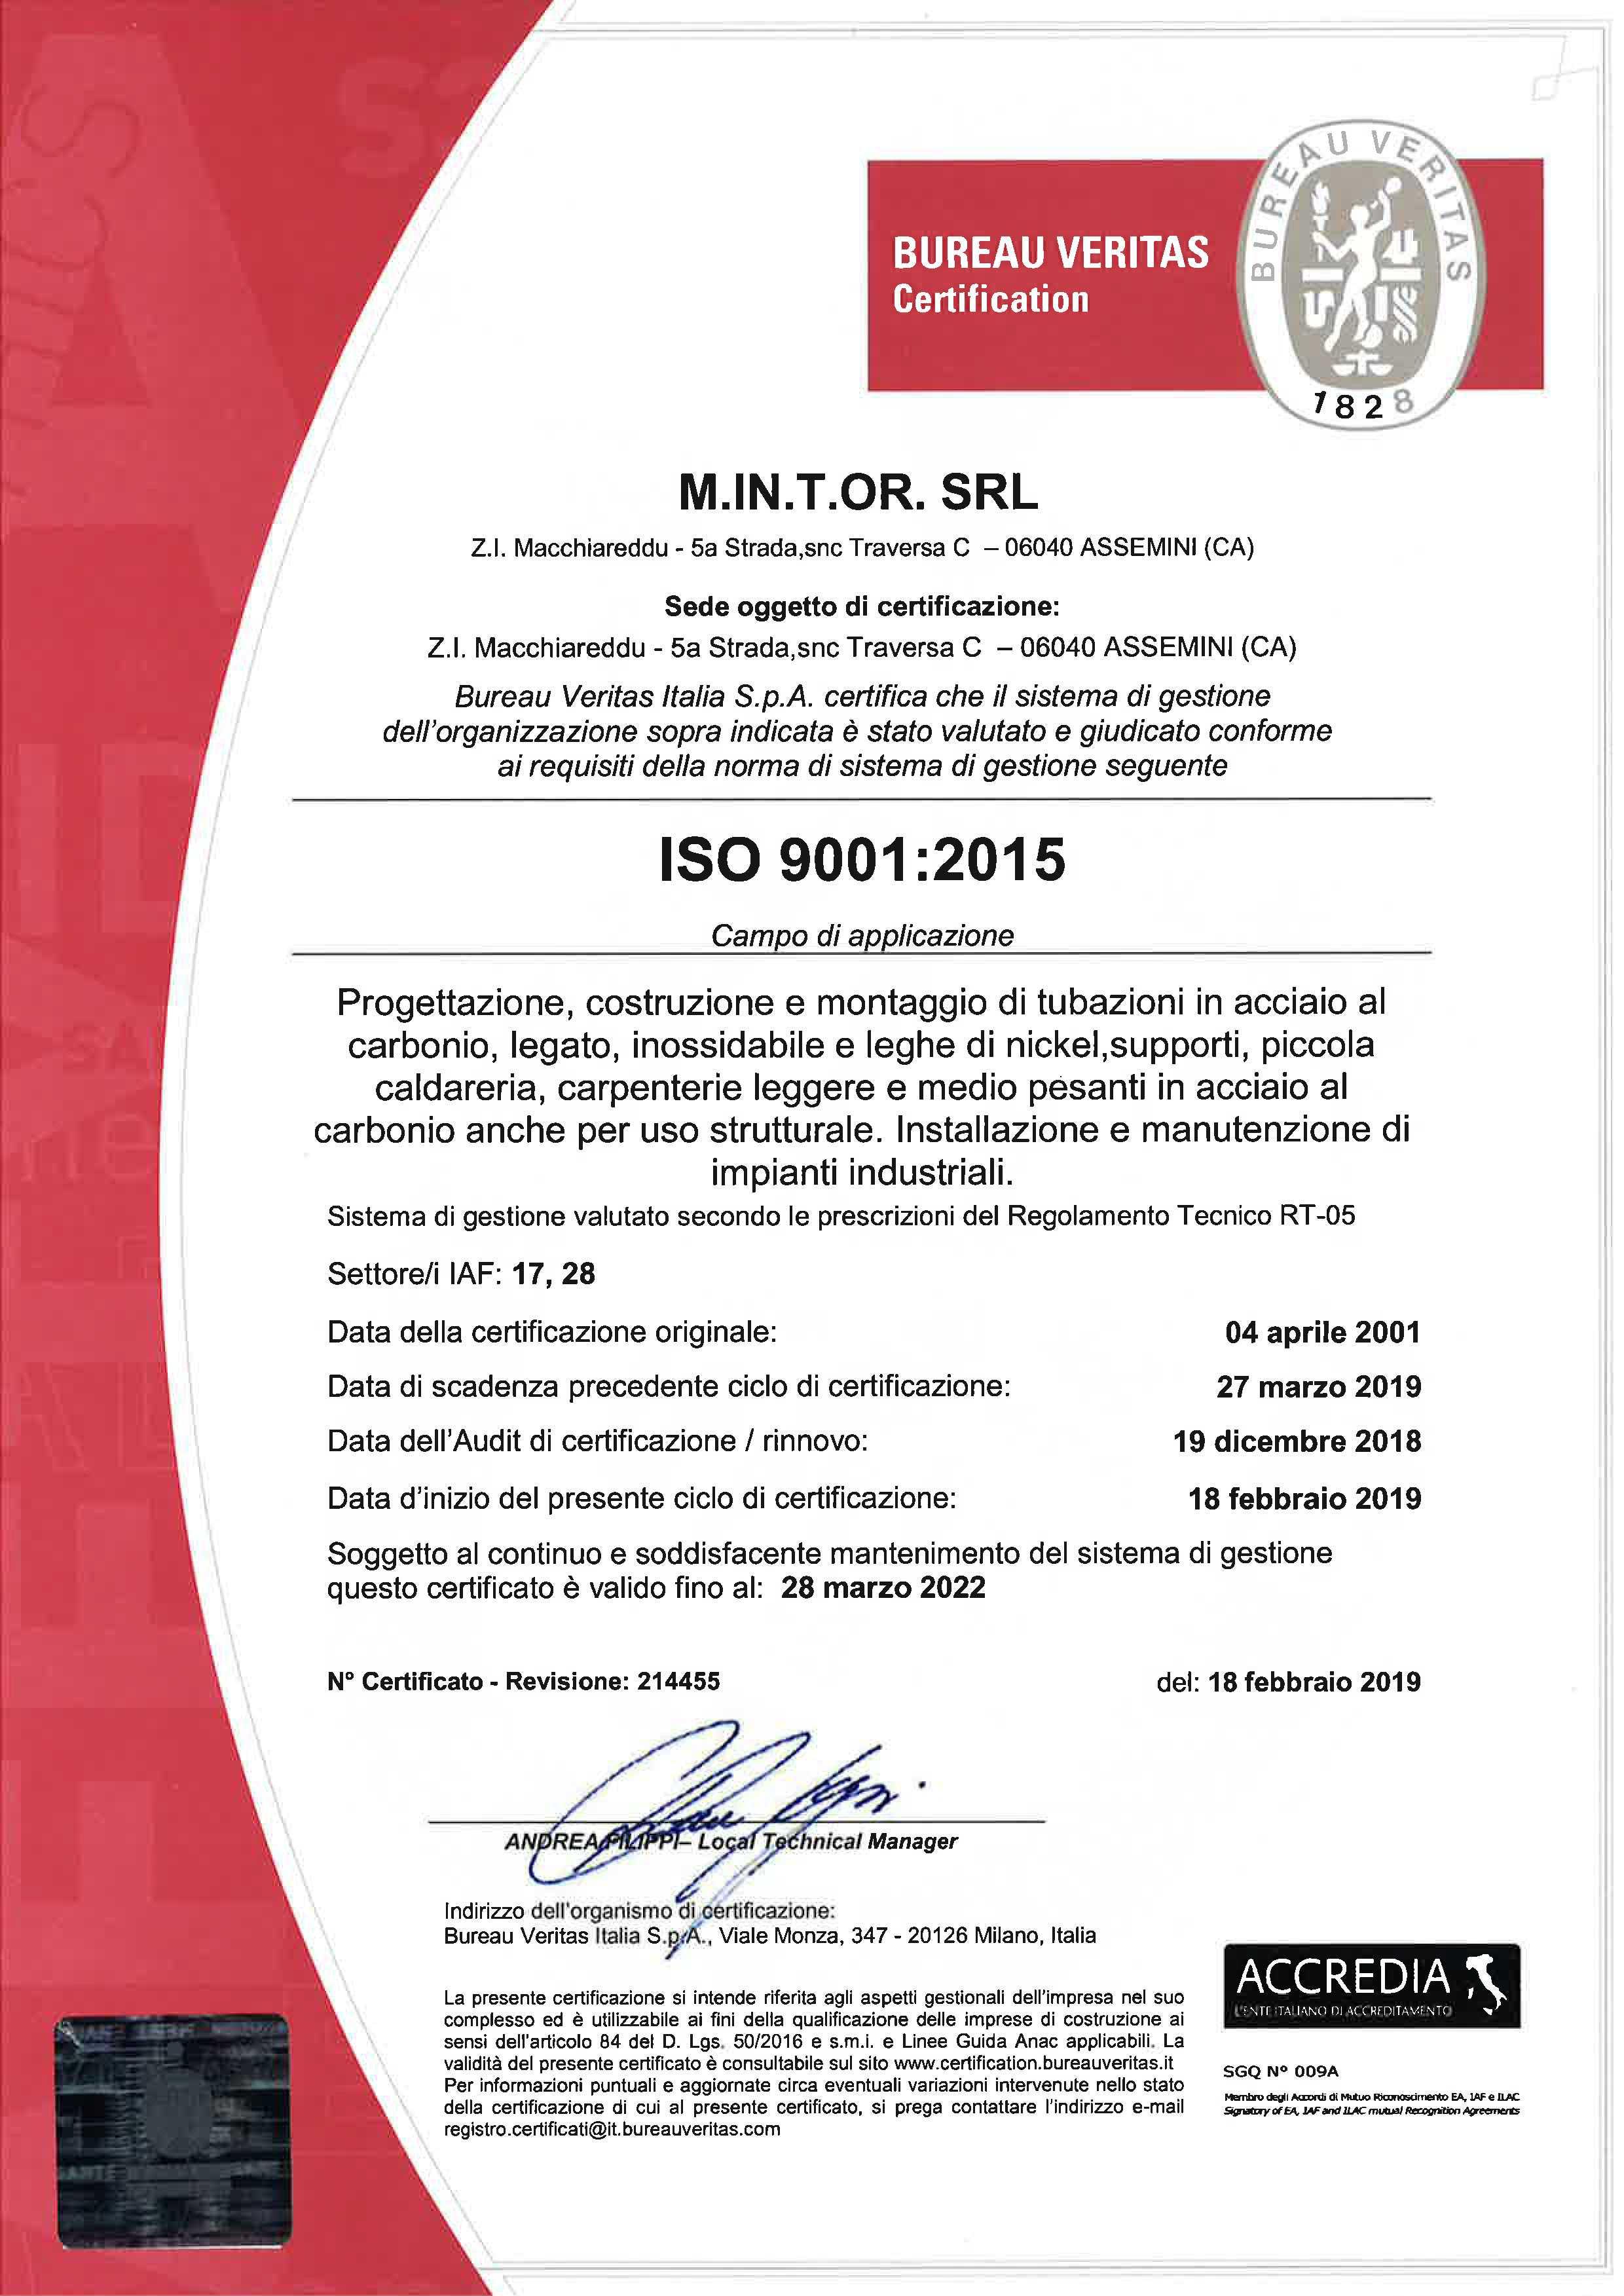 certificazioni-mintor-luglio-2019_0002_M.IN.T.OR. SRL- SCAN 9001 ITA